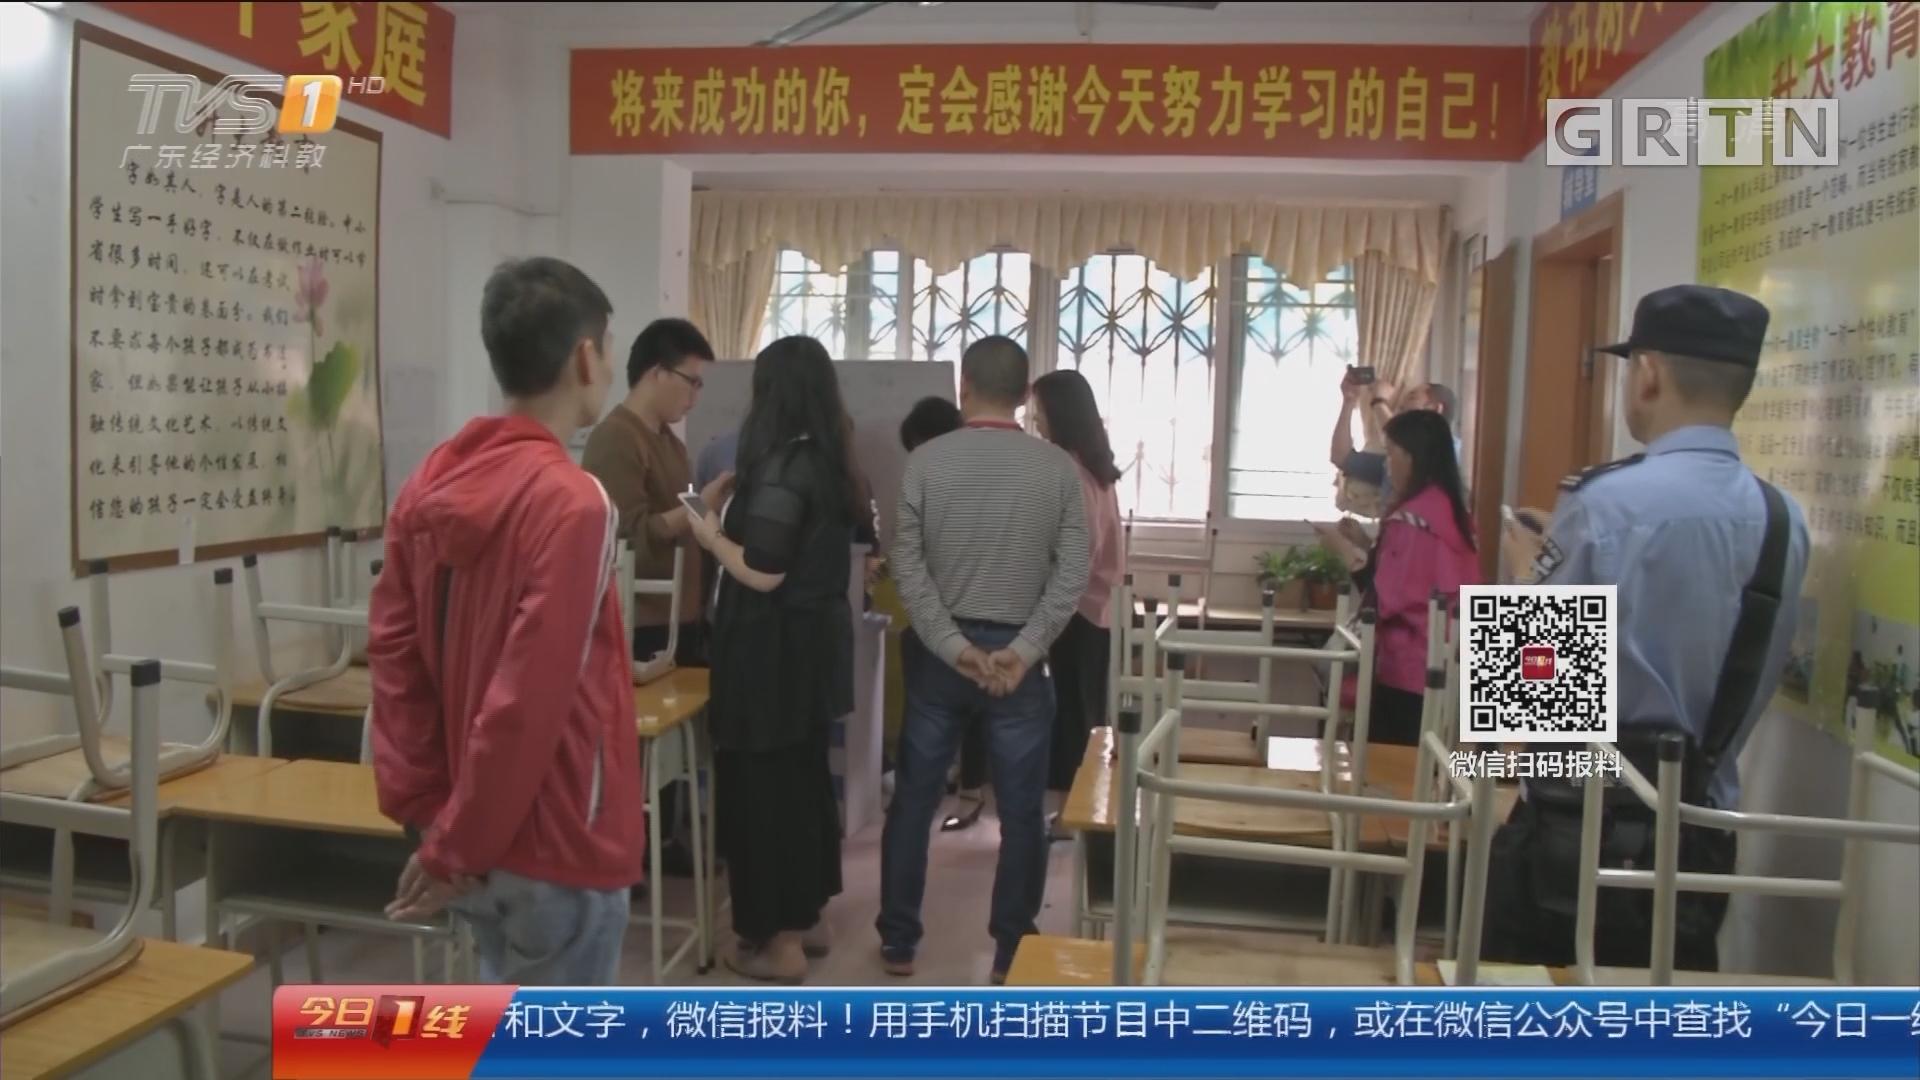 广州:整治校外培训机构 突击检查校外培训机构 多家机构被停业